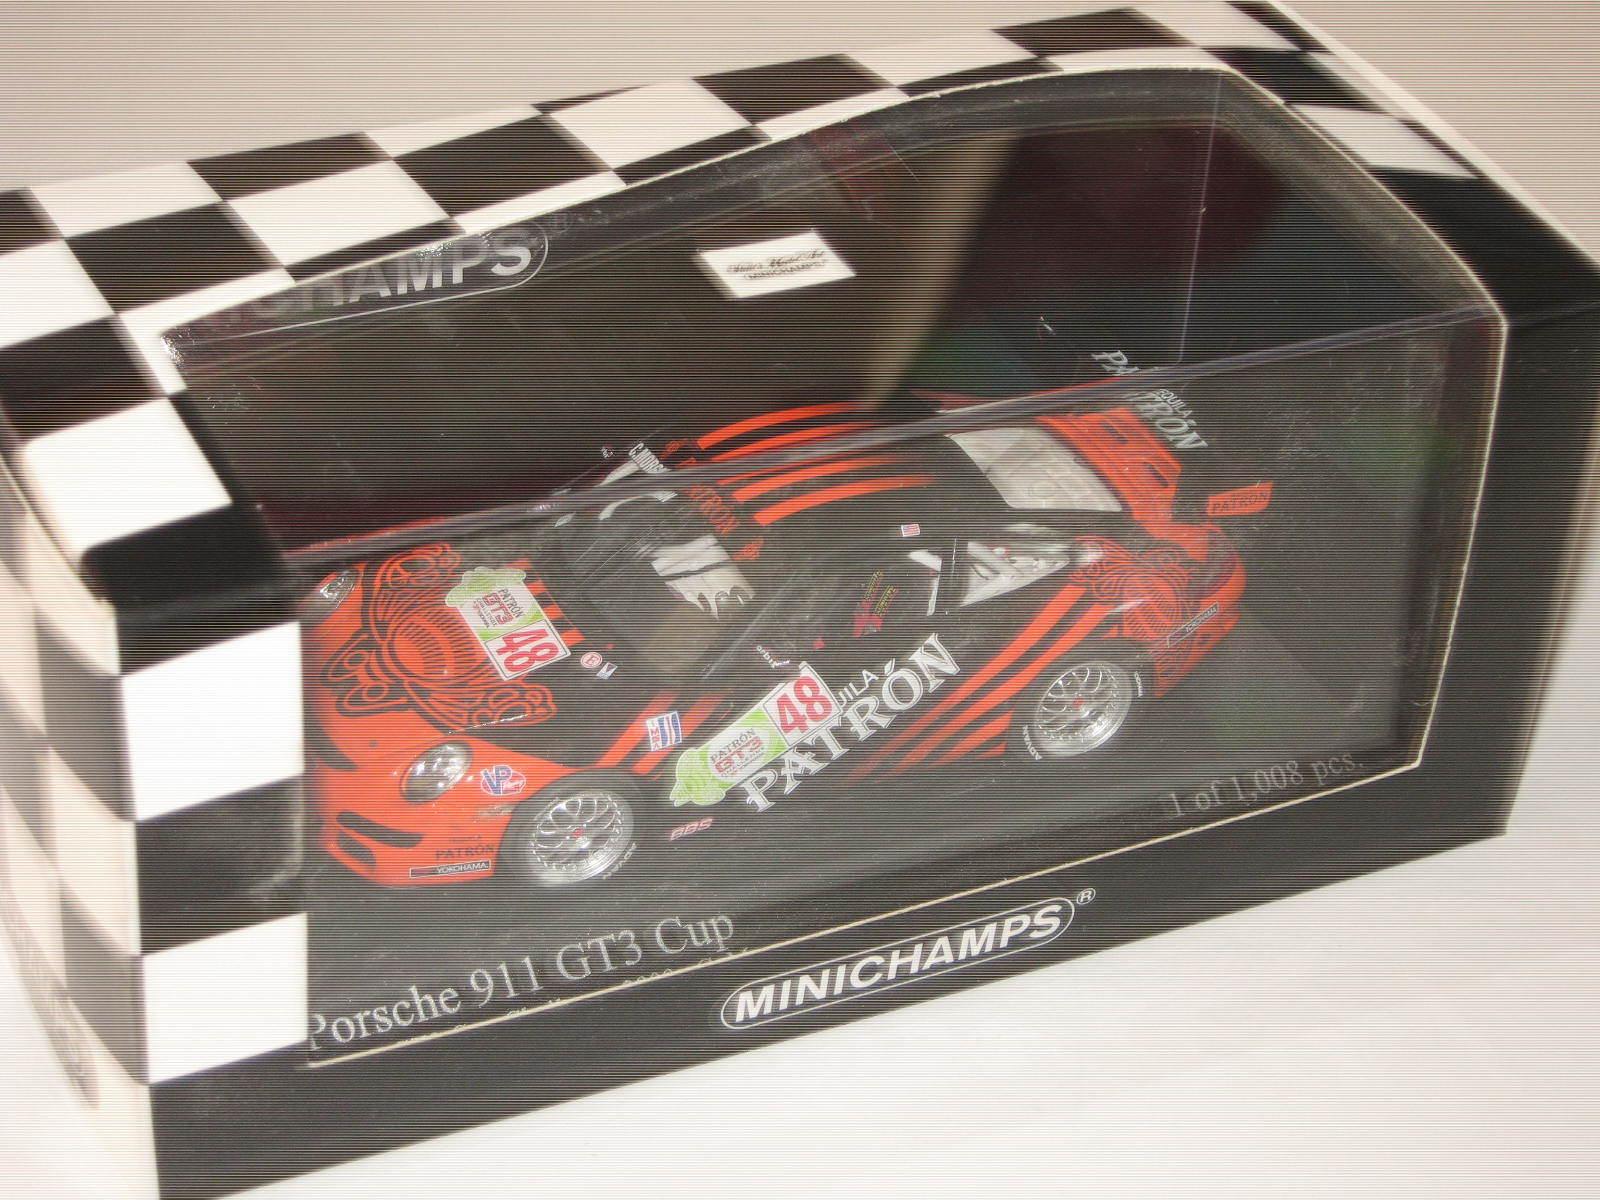 1 43 Porsche 911 gt3 Cup C. MORGAN IMSA gt3 2009 MINICHAMPS 400096748 neuf dans sa boîte New